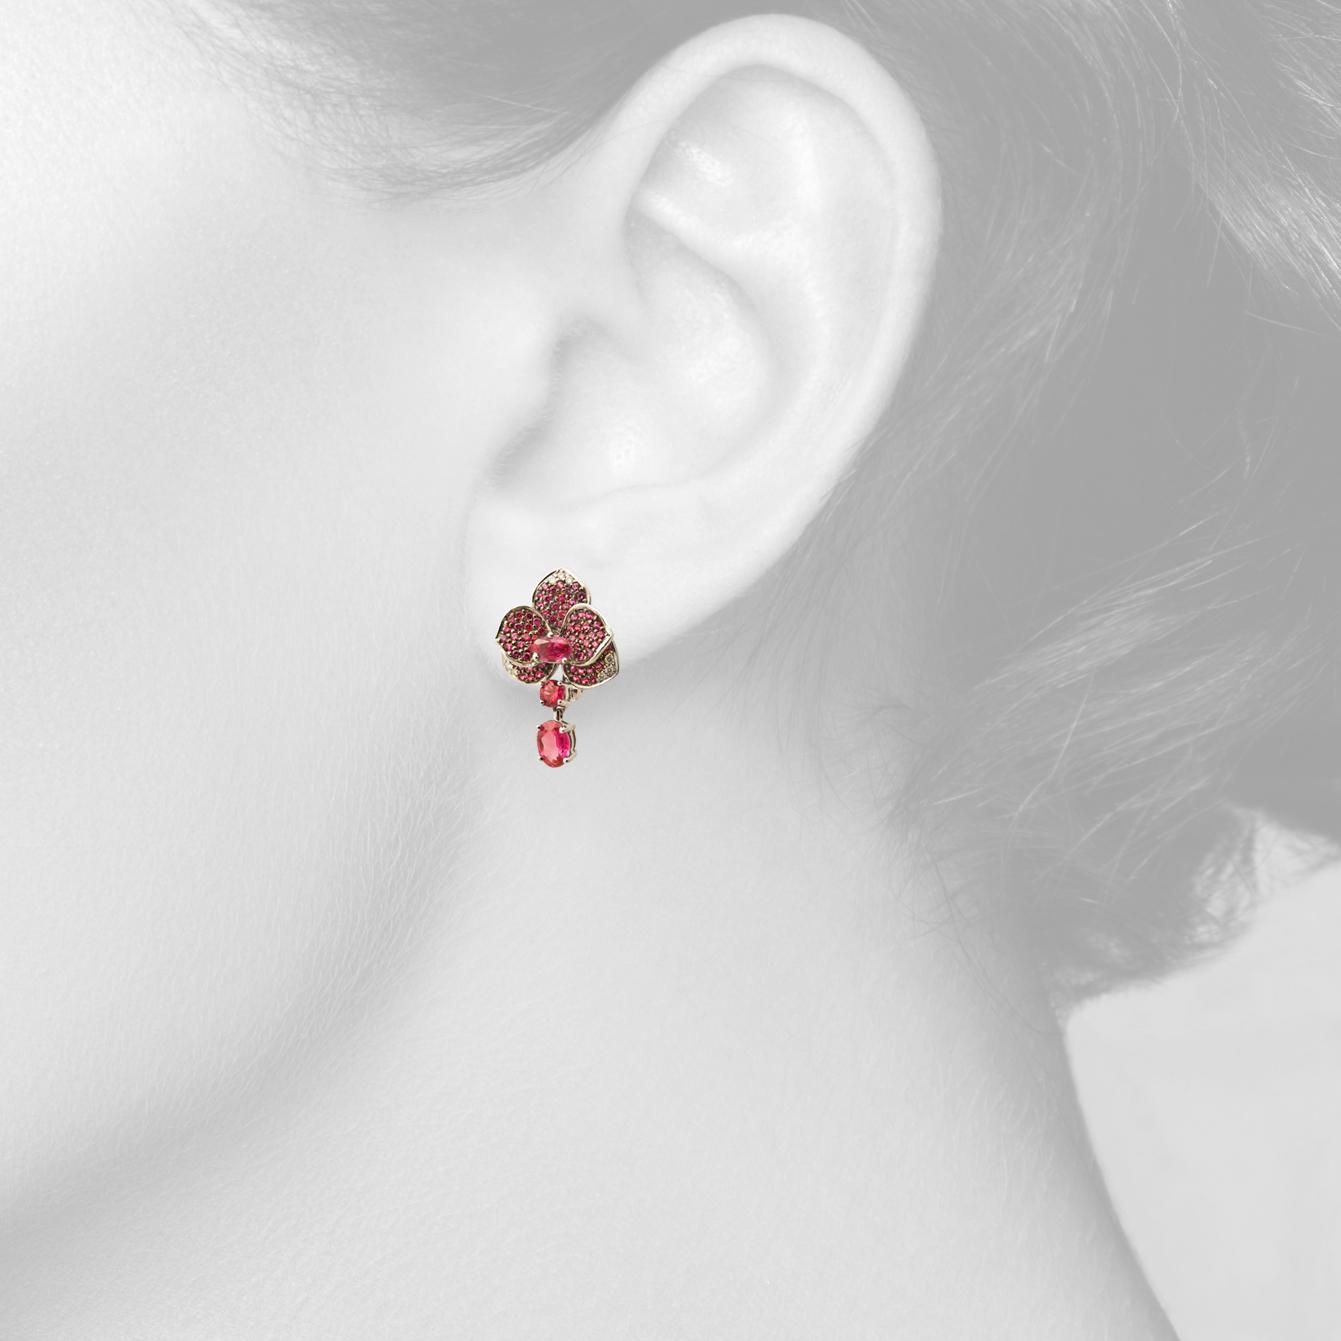 Ексклюзивні сережки з рубінами «Scarlet Rose»